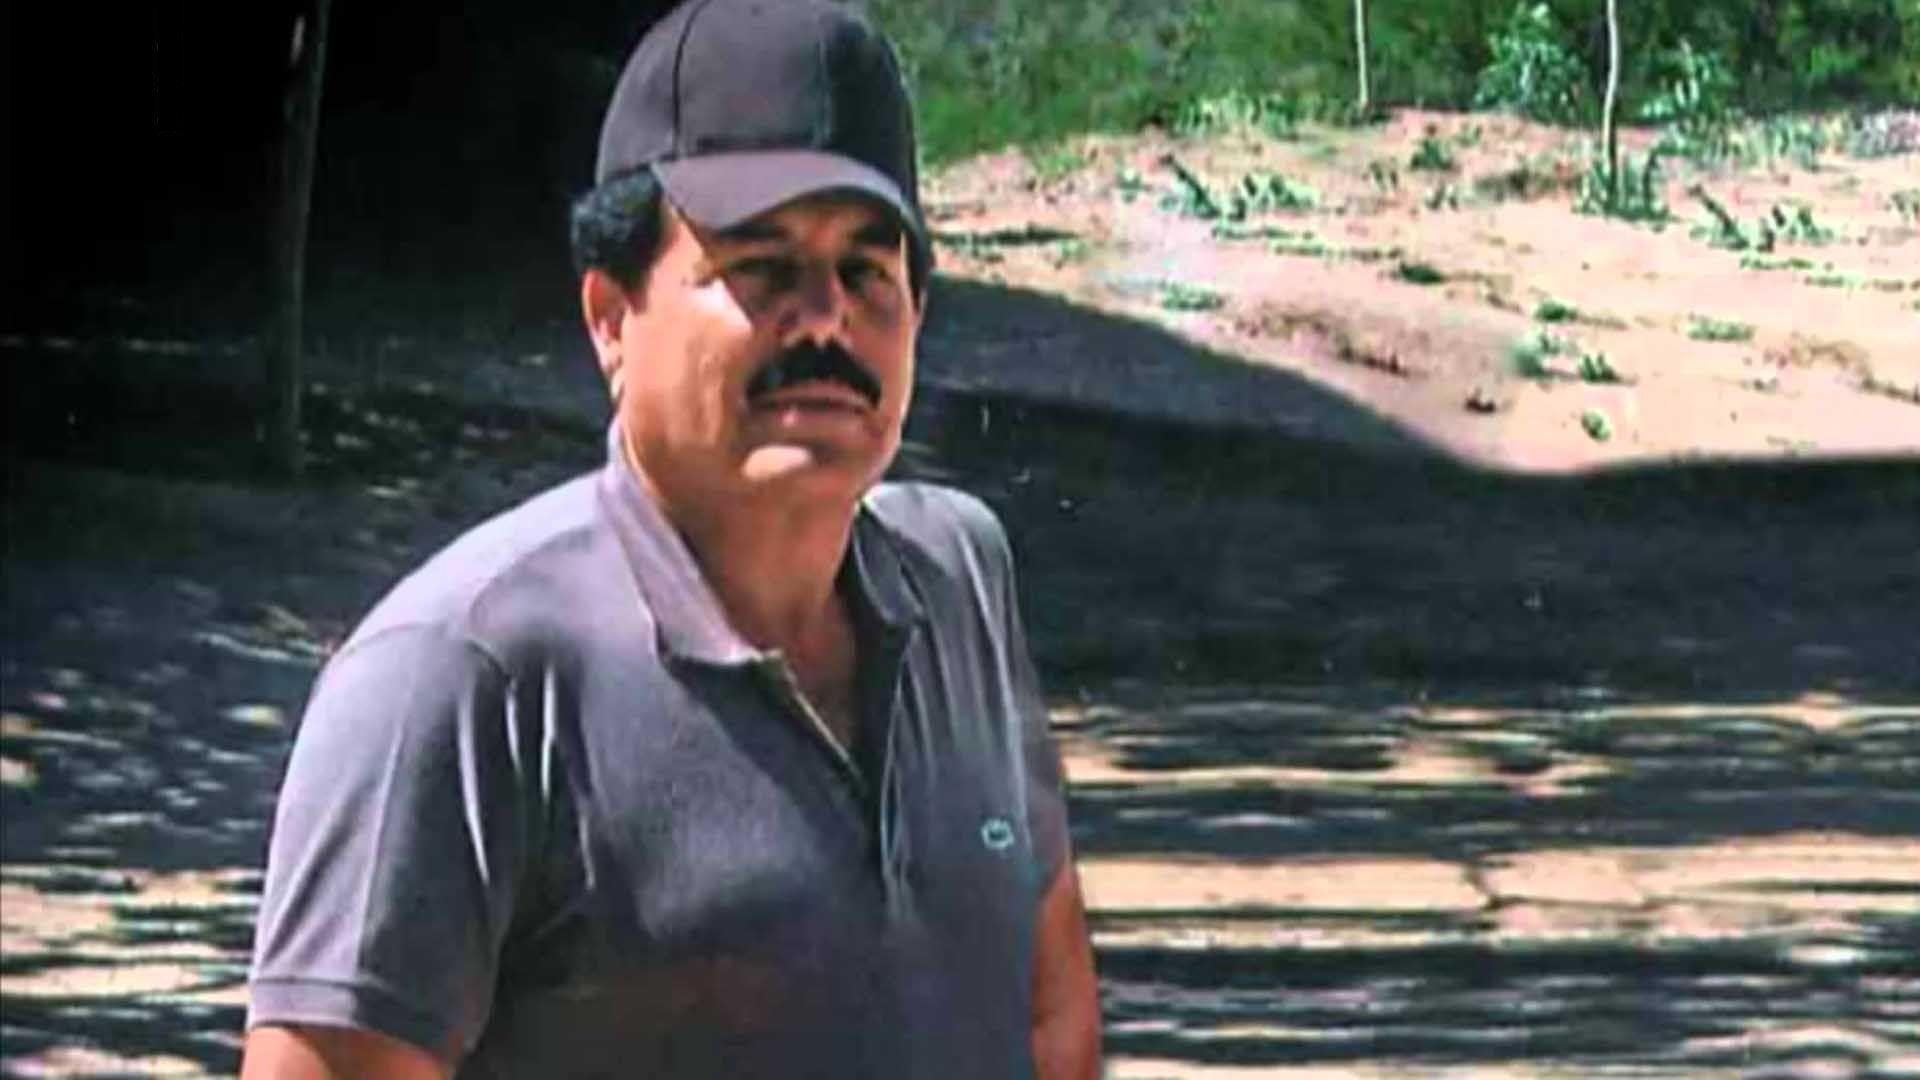 El Chapo Guzman Wallpaper